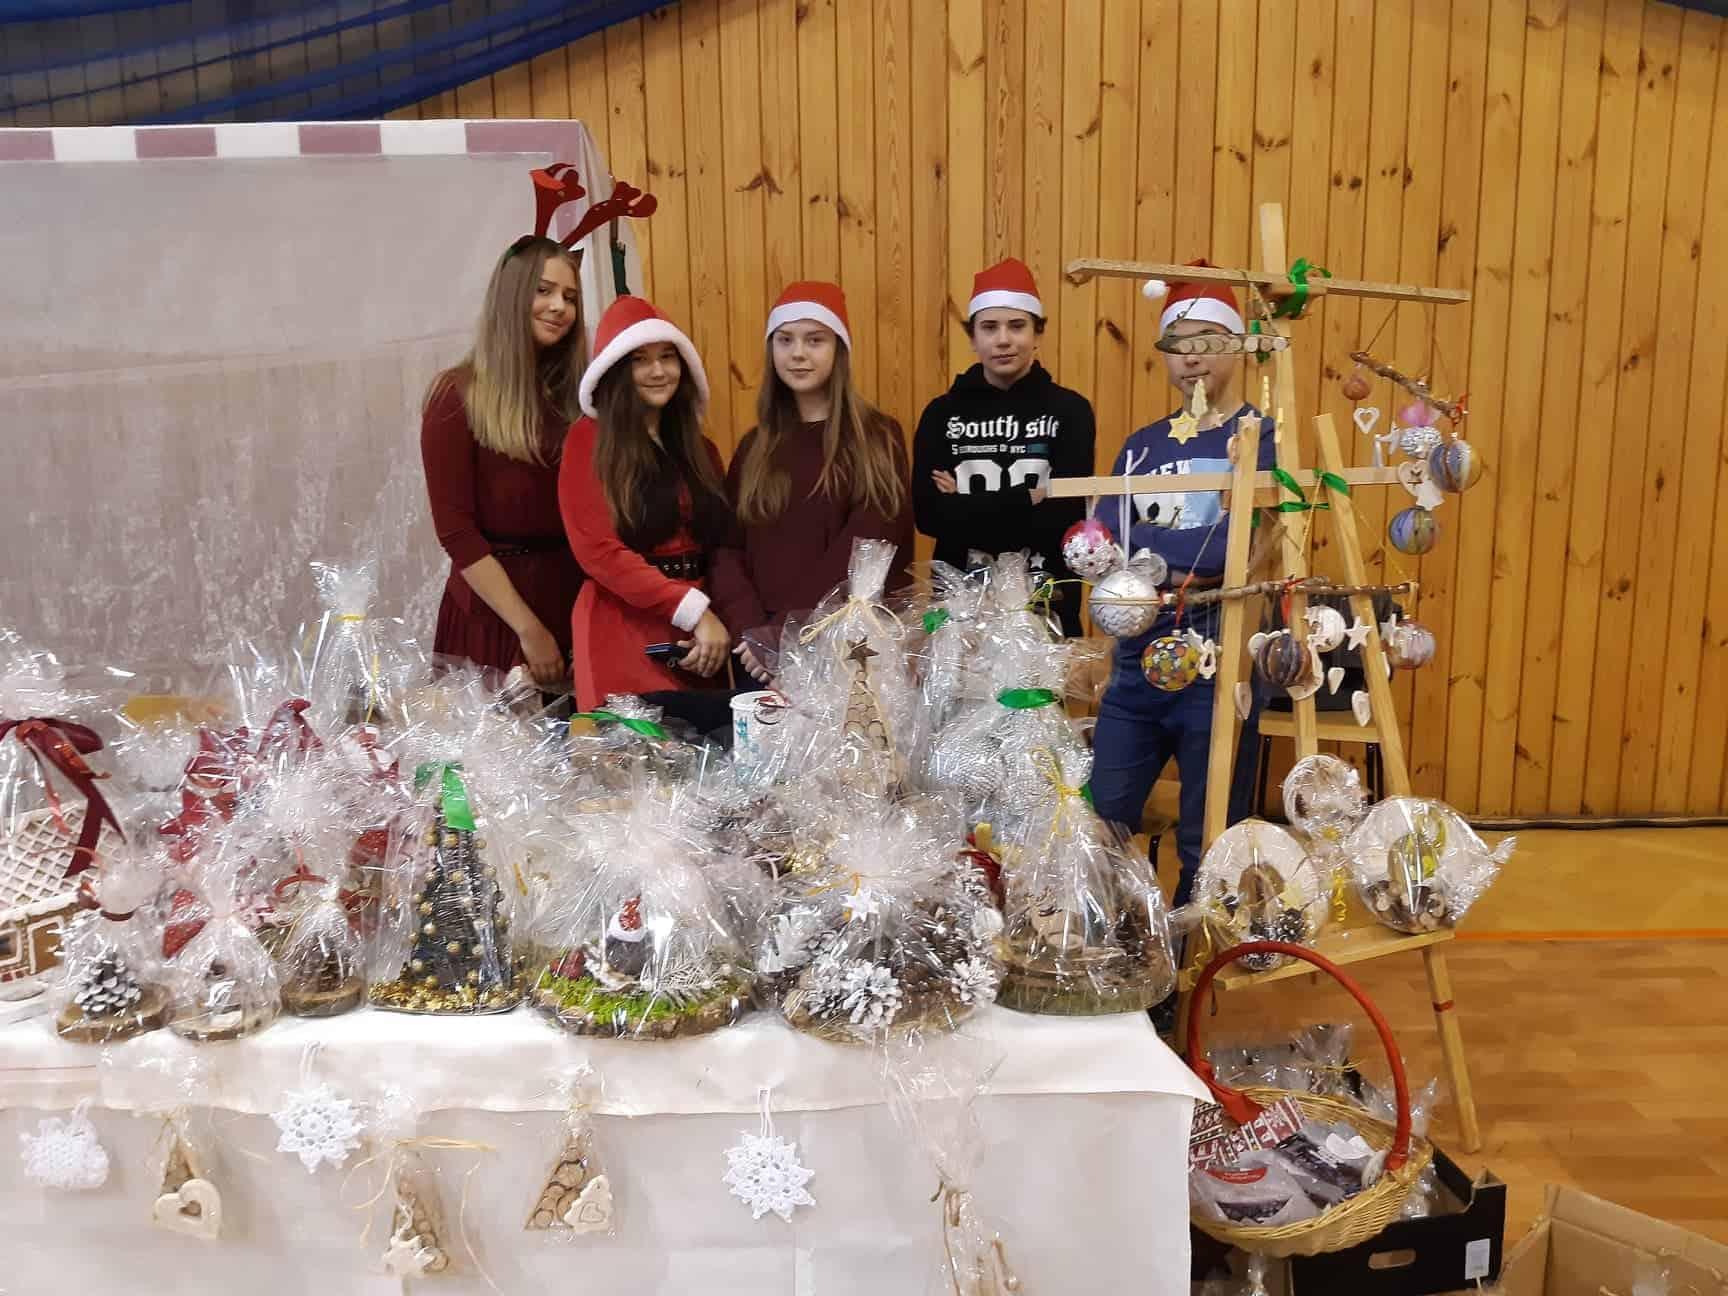 Wolontariusze że Szkoły Podstawowej w Koninie podczas Imprezy Bożonarodzeniowej